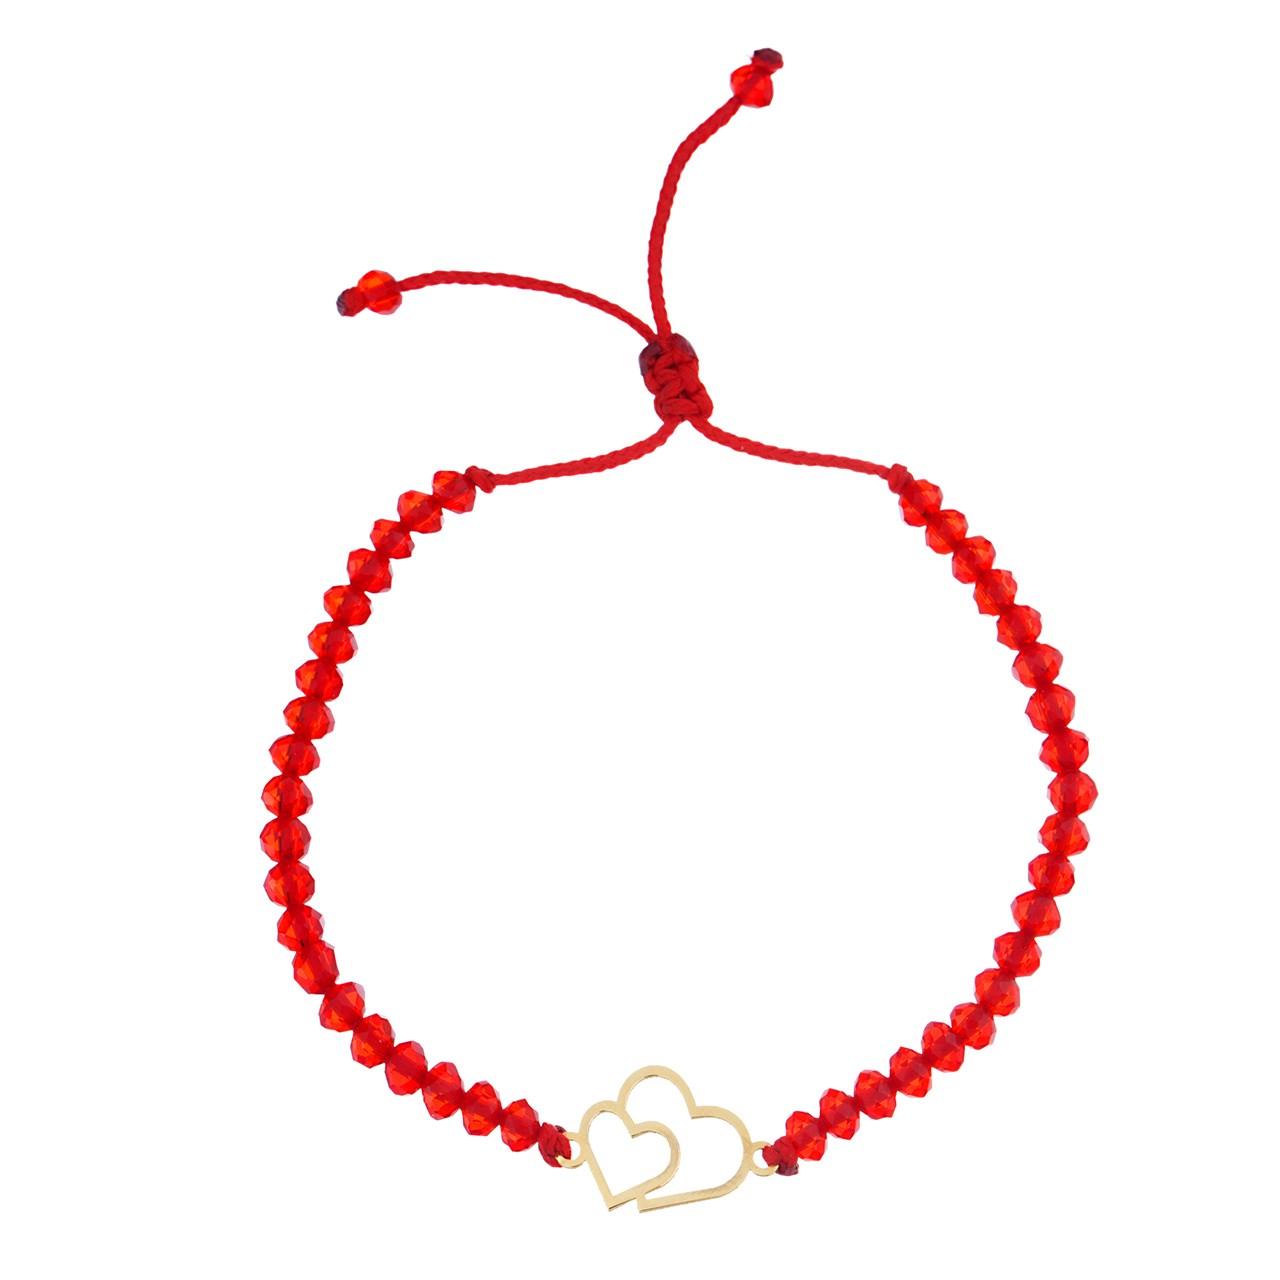 قیمت دستبند طلا 18 عیار ماهک مدل MB0750 - مایا ماهک